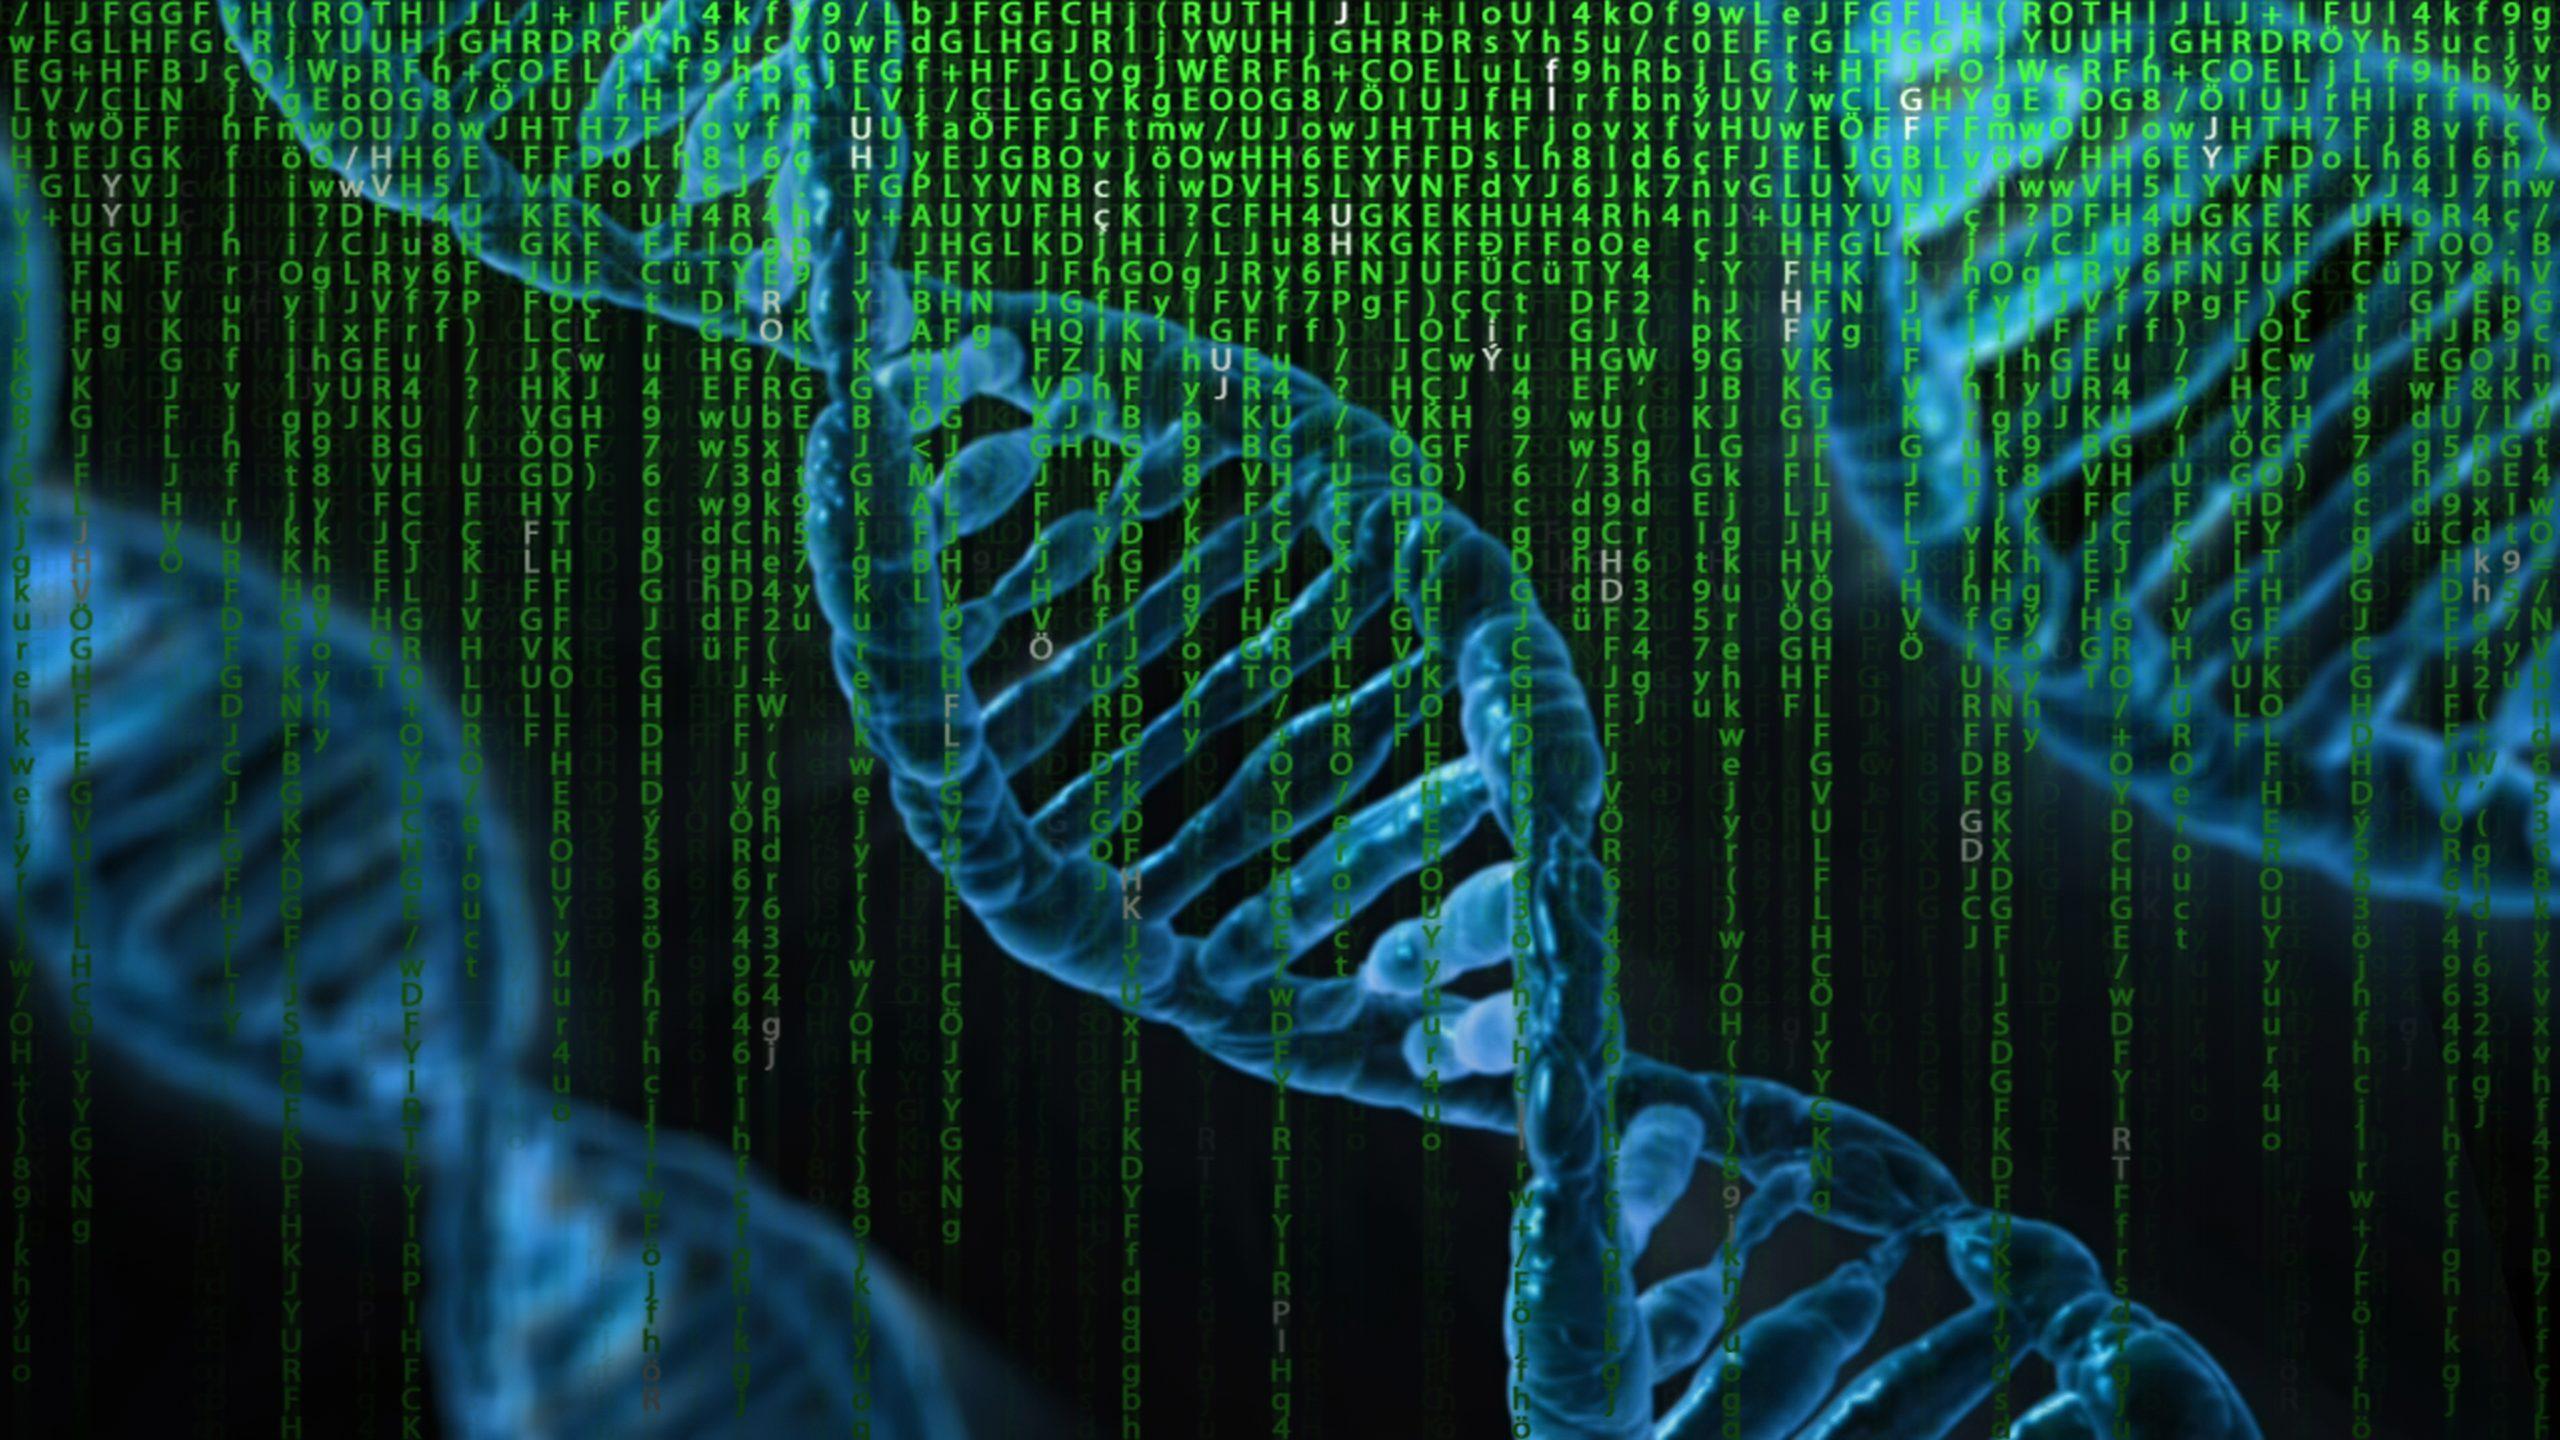 Neurofibromatose Forschung NF2 Vererbung Genetik Diagnose Bundesverband